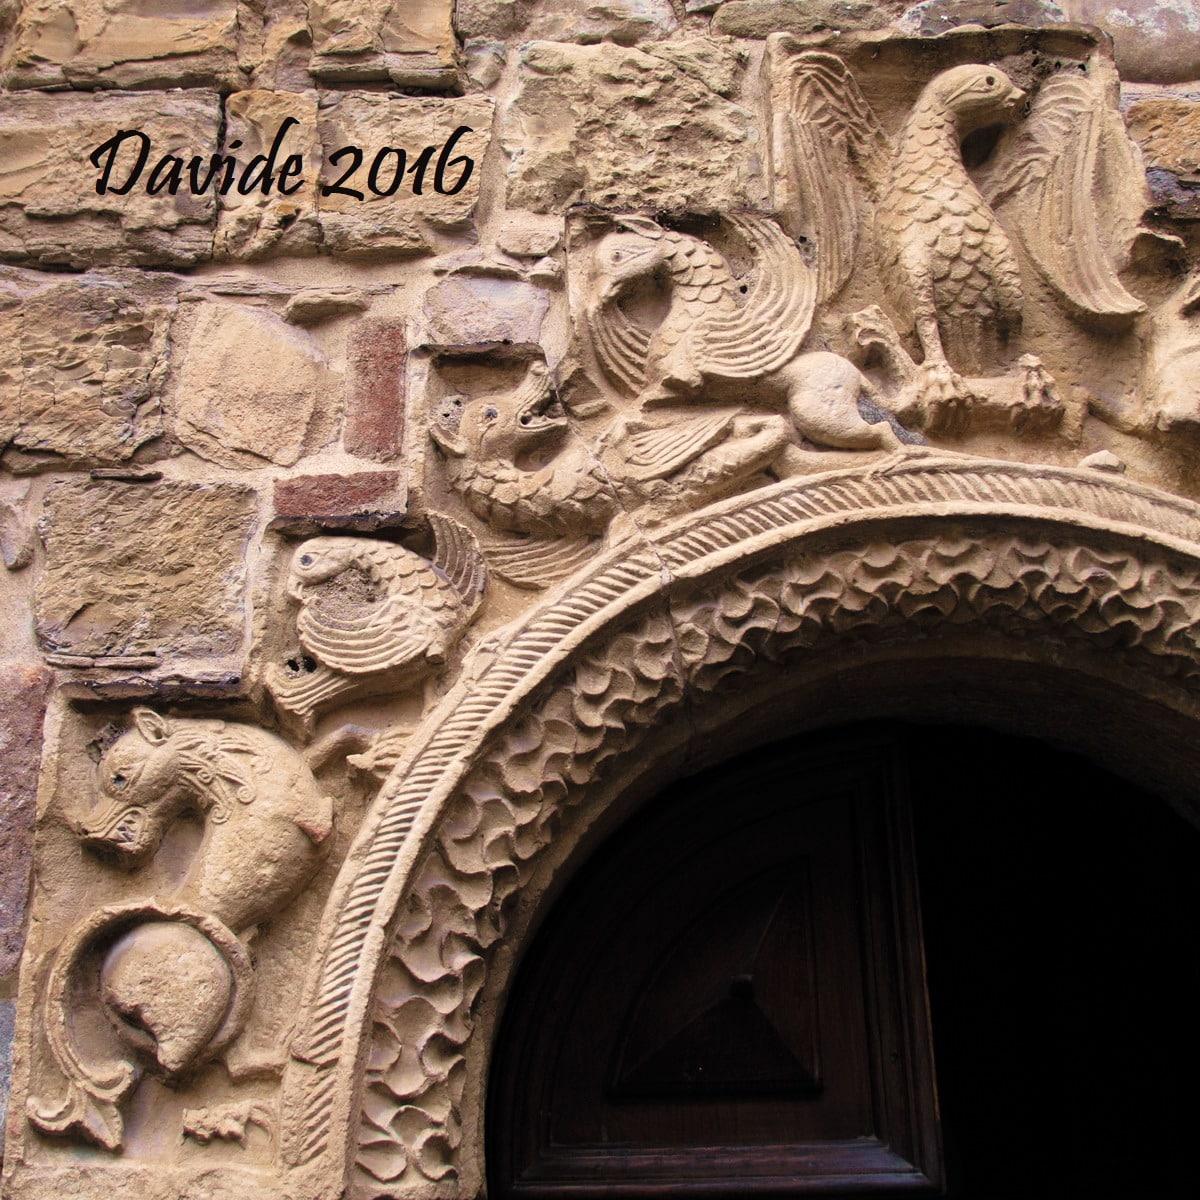 Fornovo di Taro (Parma, Emilia-Romagna – Val Taro, Italia). Pieve di Santa Maria Assunta: archivolto del portale Sud-Ovest. Davide Tansini. 2016. Fotografia digitale